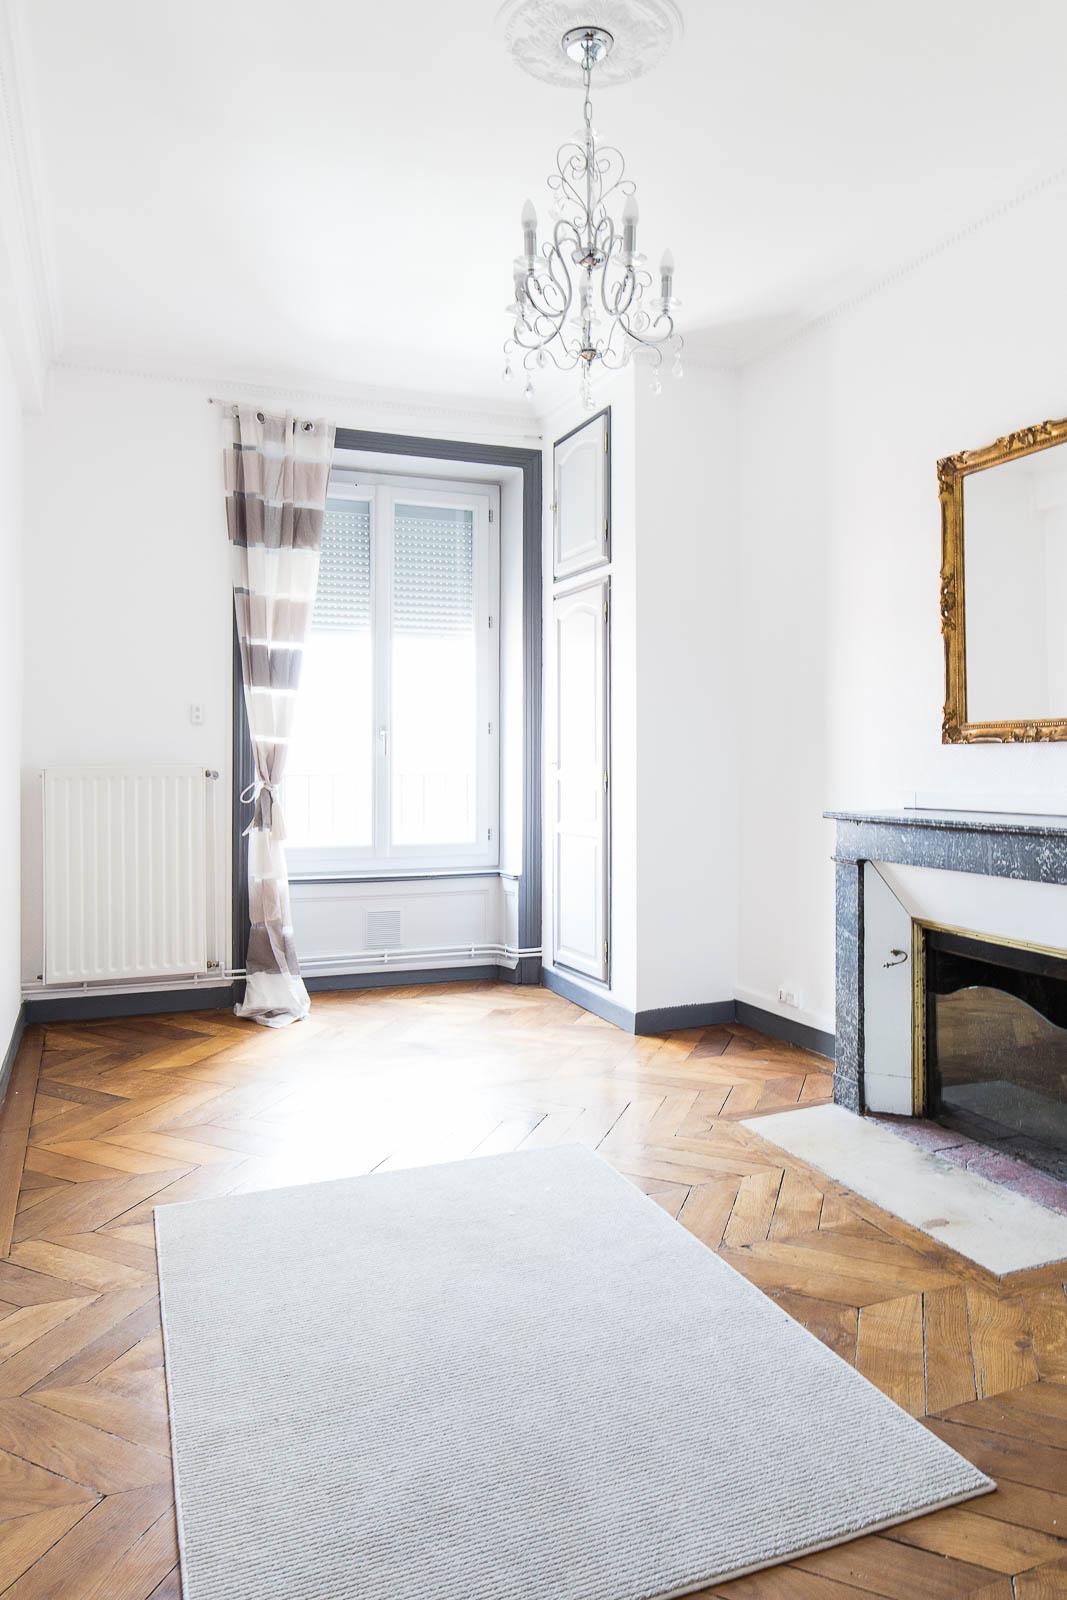 Immobilier - ©Yohan Boniface Photographe - Mariage Portraits Immobilier Entreprises Clermont Ferrand Auvergne France (39).jpg